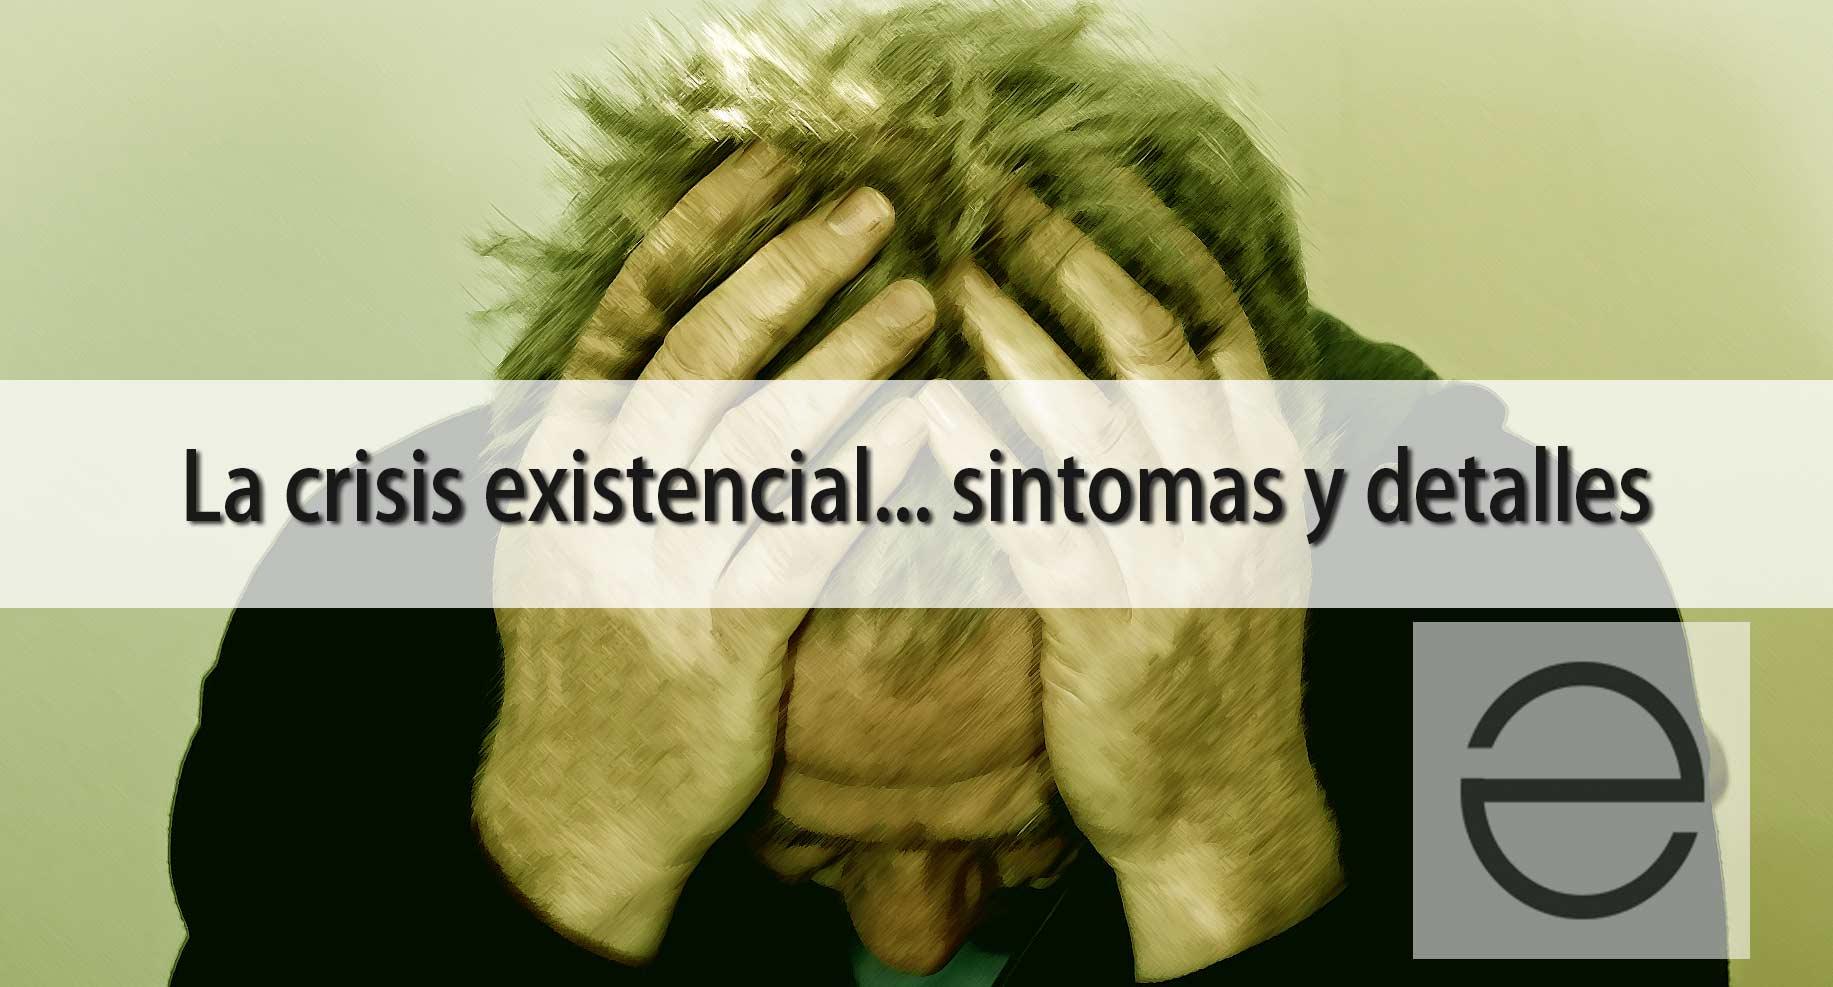 La crisis existencial es dura y tiene tratamiento